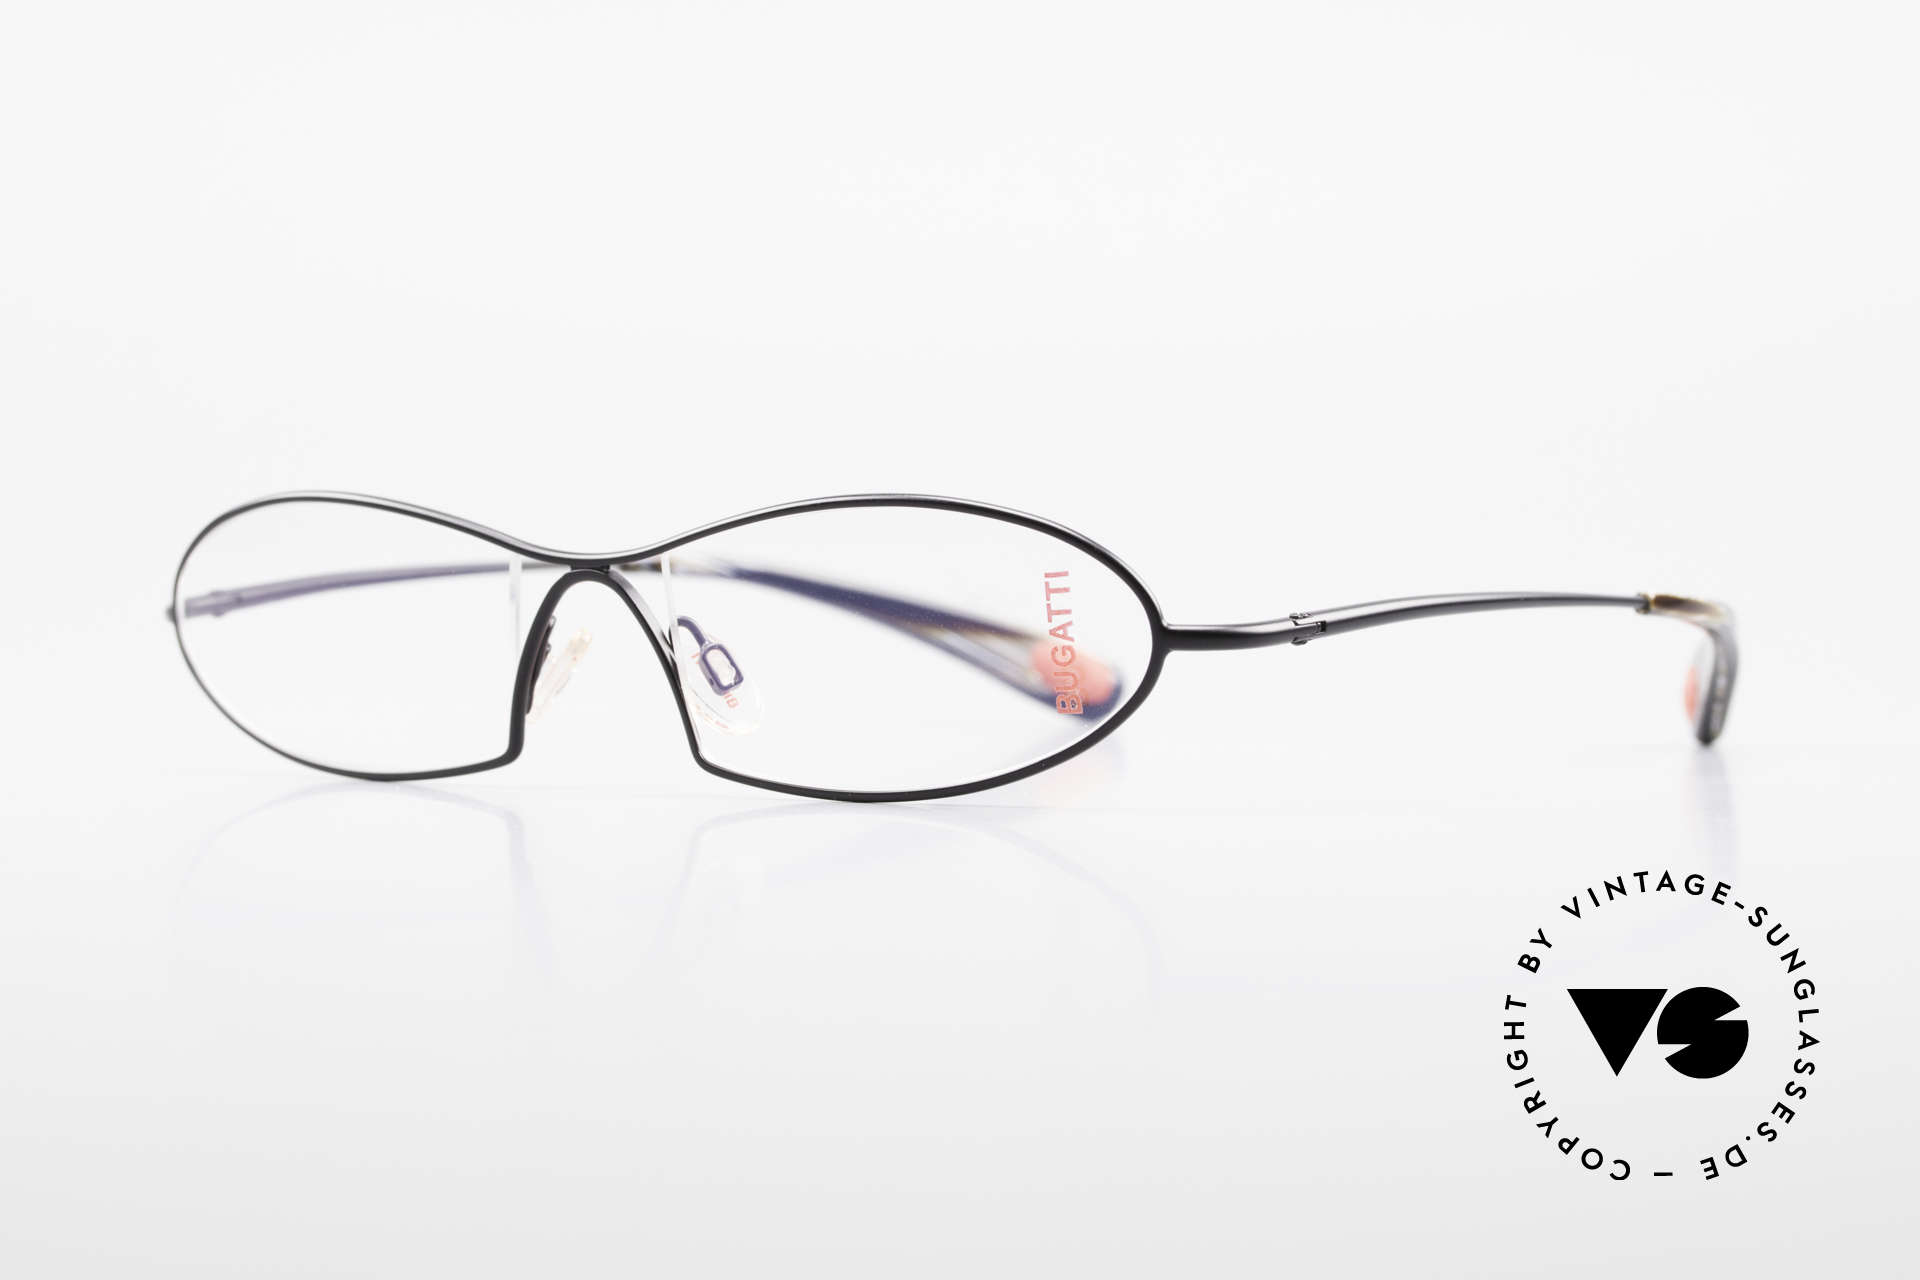 Bugatti 343 Odotype Vintage Designer Brille Herren, ergonomischer Rahmen mit Federscharnieren, Passend für Herren